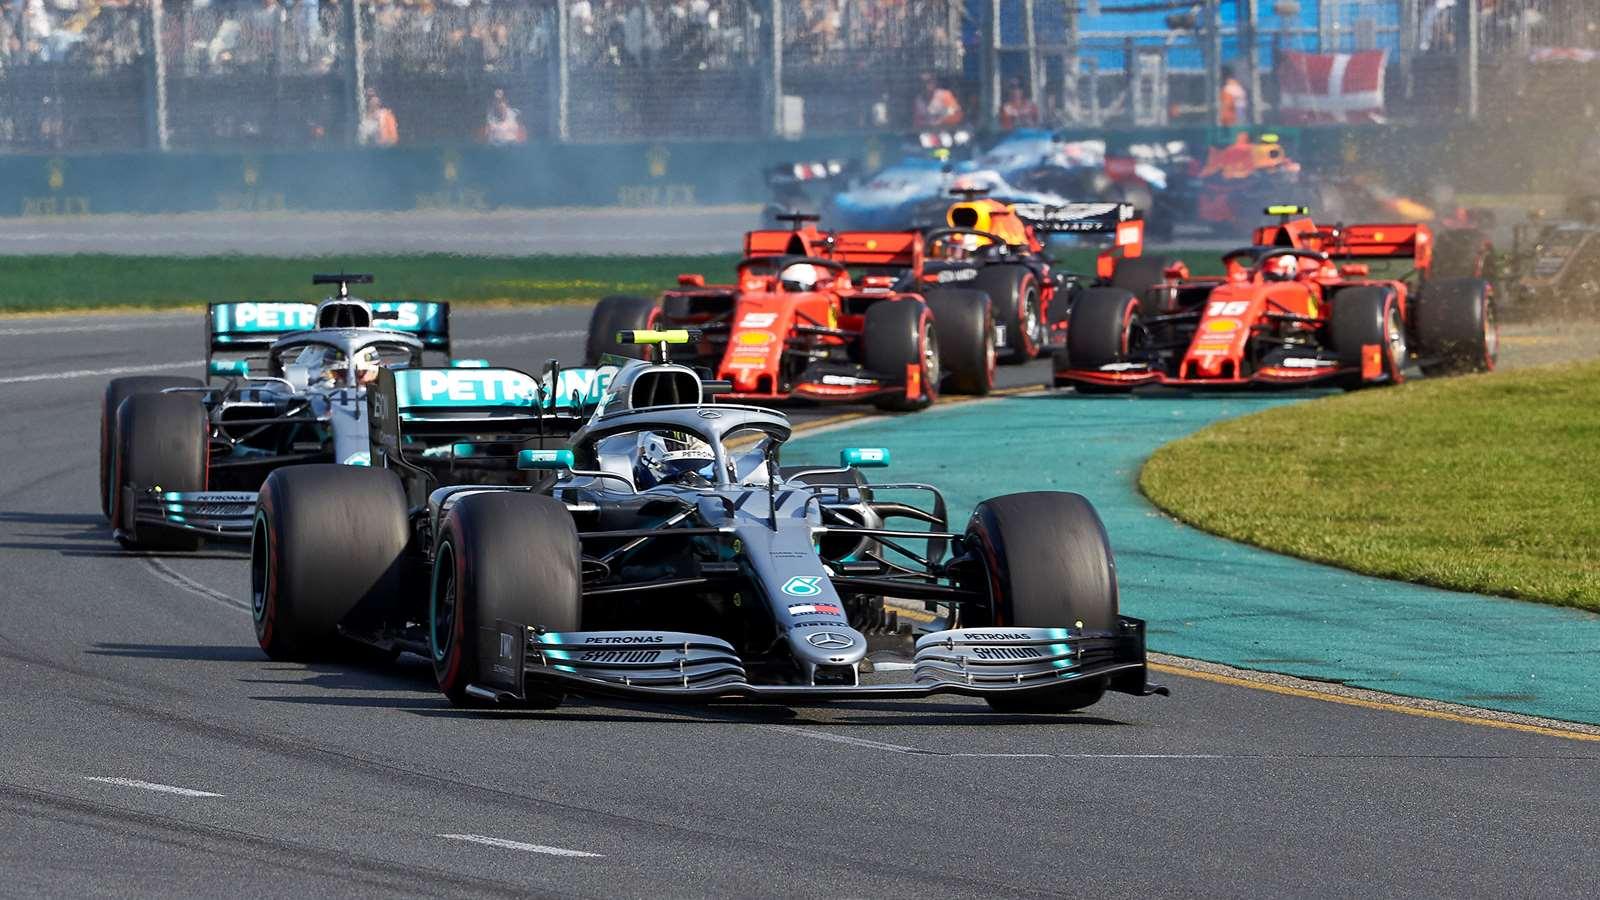 Valterri Bottas leads Lewis Hamilton's Mercedes at 2019 Australian Grand Prix